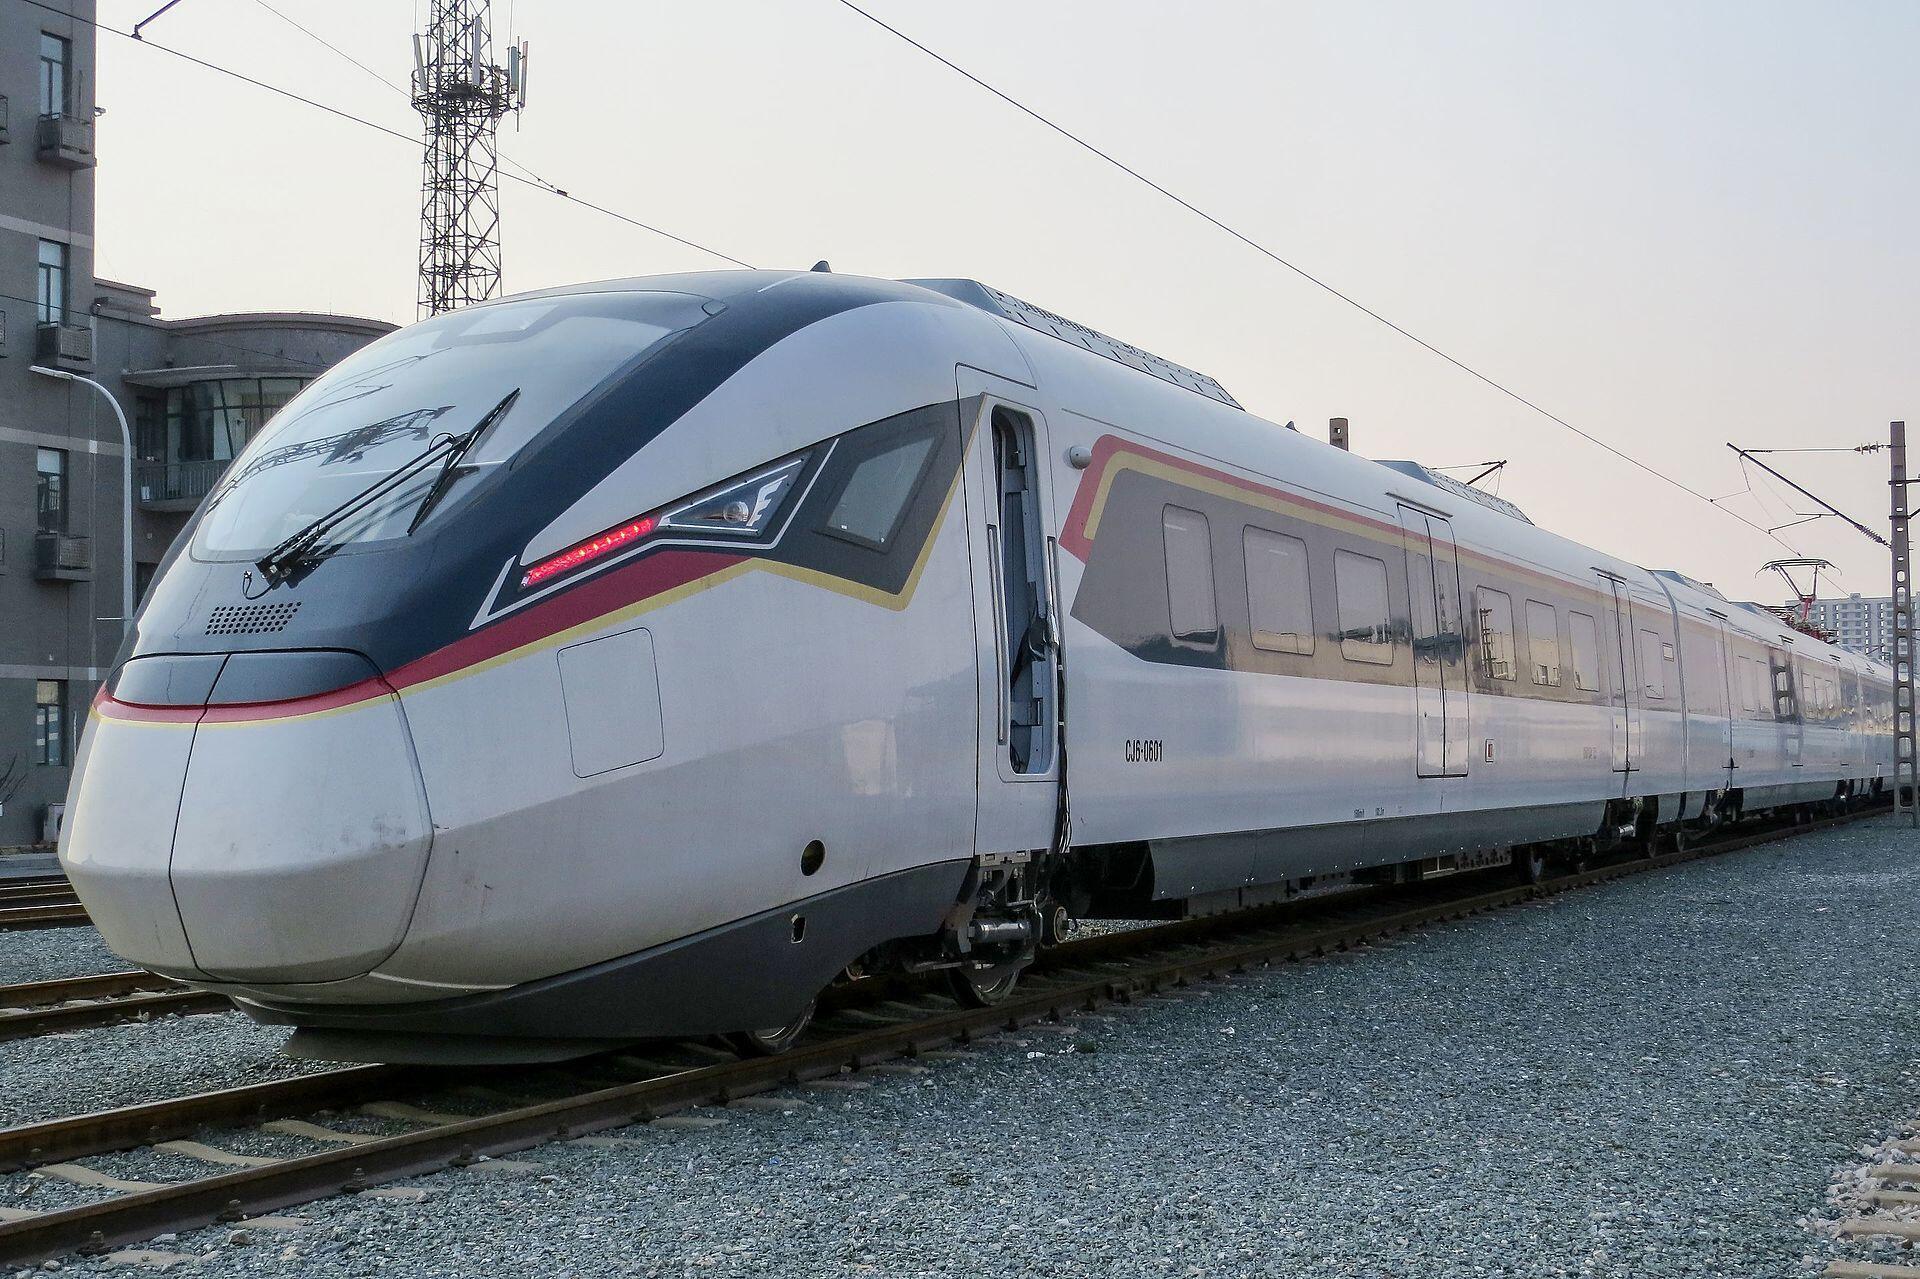 Dự án đường sắt East Coast Rail Link do Trung Quốc đầu tư xây dựng, đã bị Malaysia hủy bỏ vì chi phí quá cao.